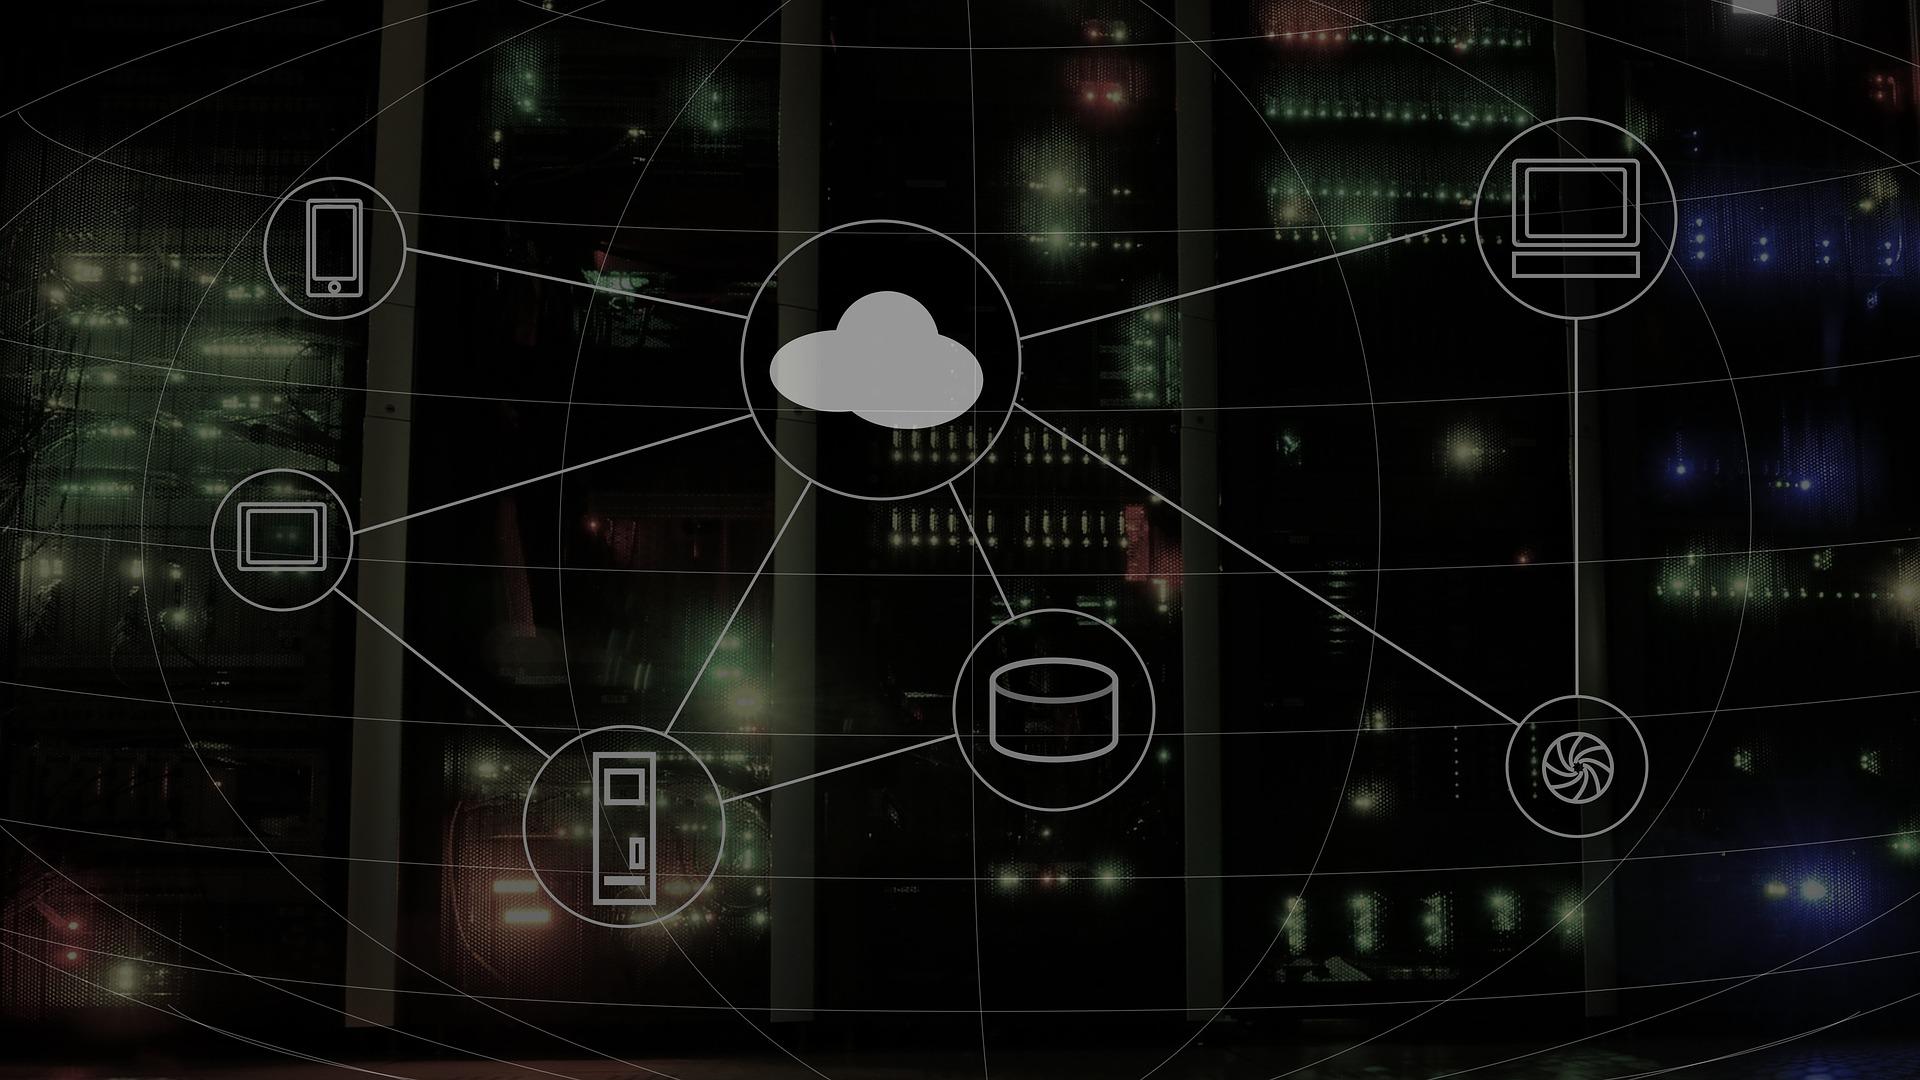 Upowszechnienie grania w chmurze wymaga globalnej rewolucji technologicznej